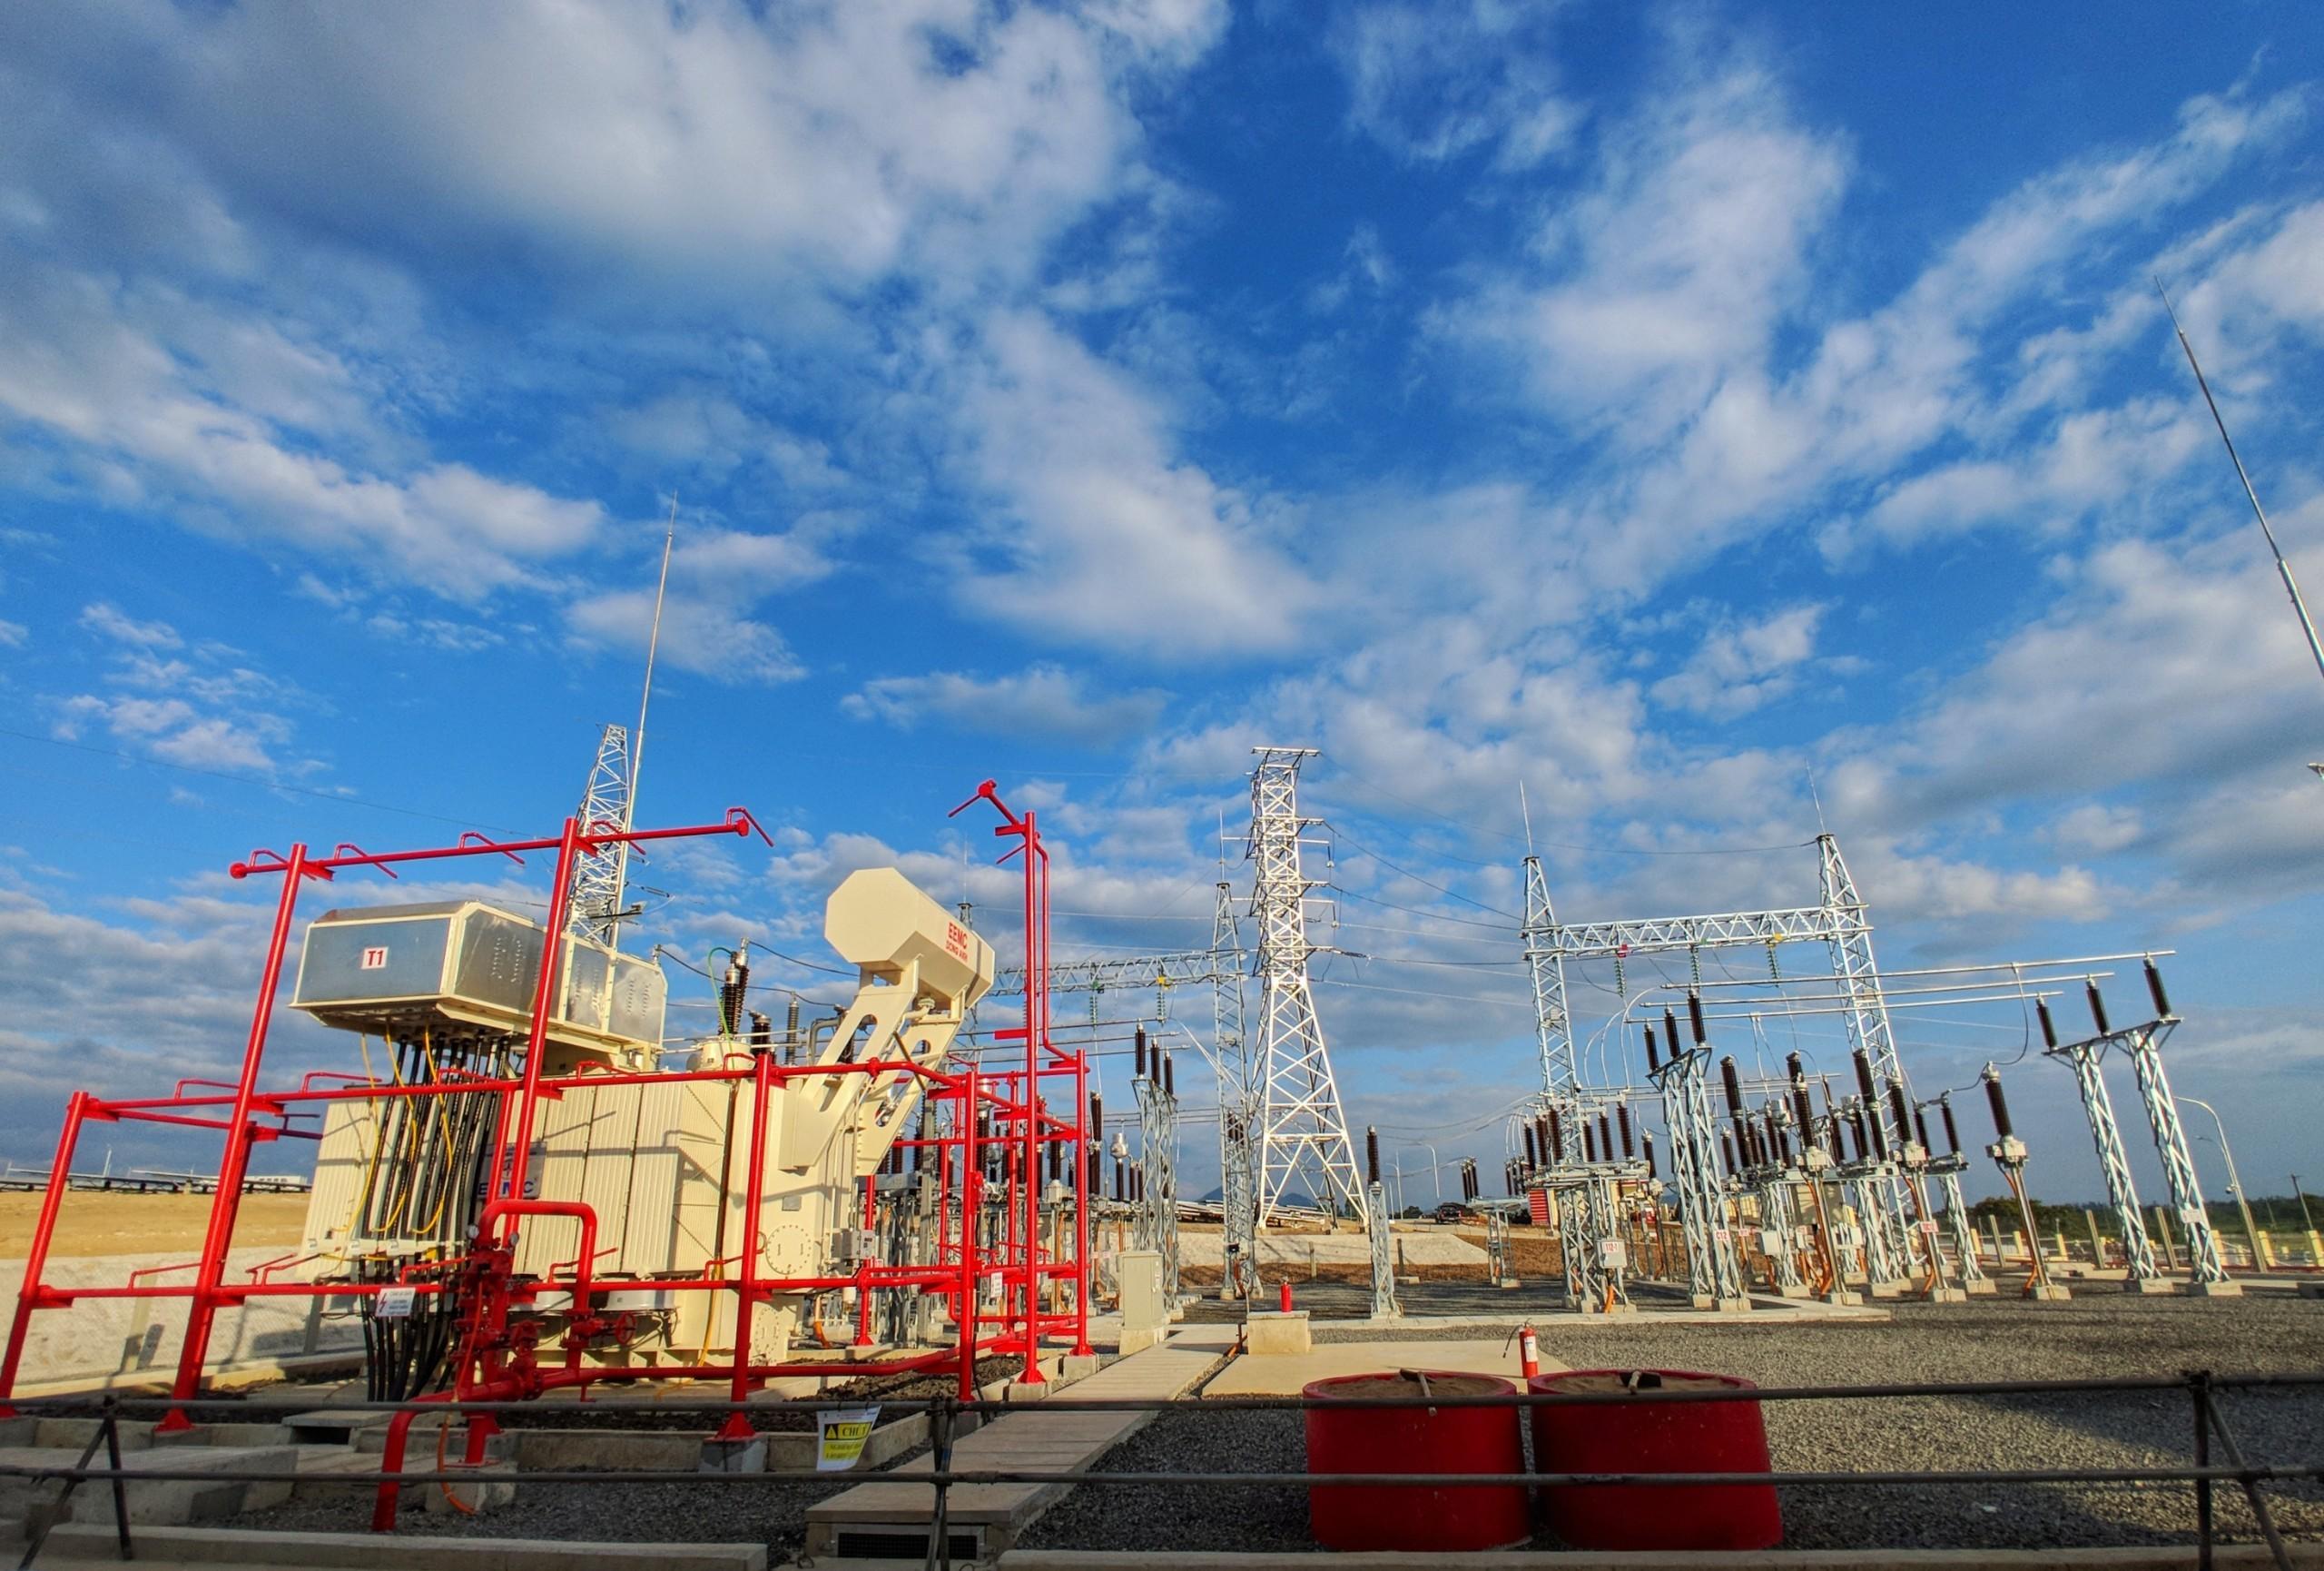 Nhà máy Điện mặt trời Krong Pa đã sẵn sàng nối điện!